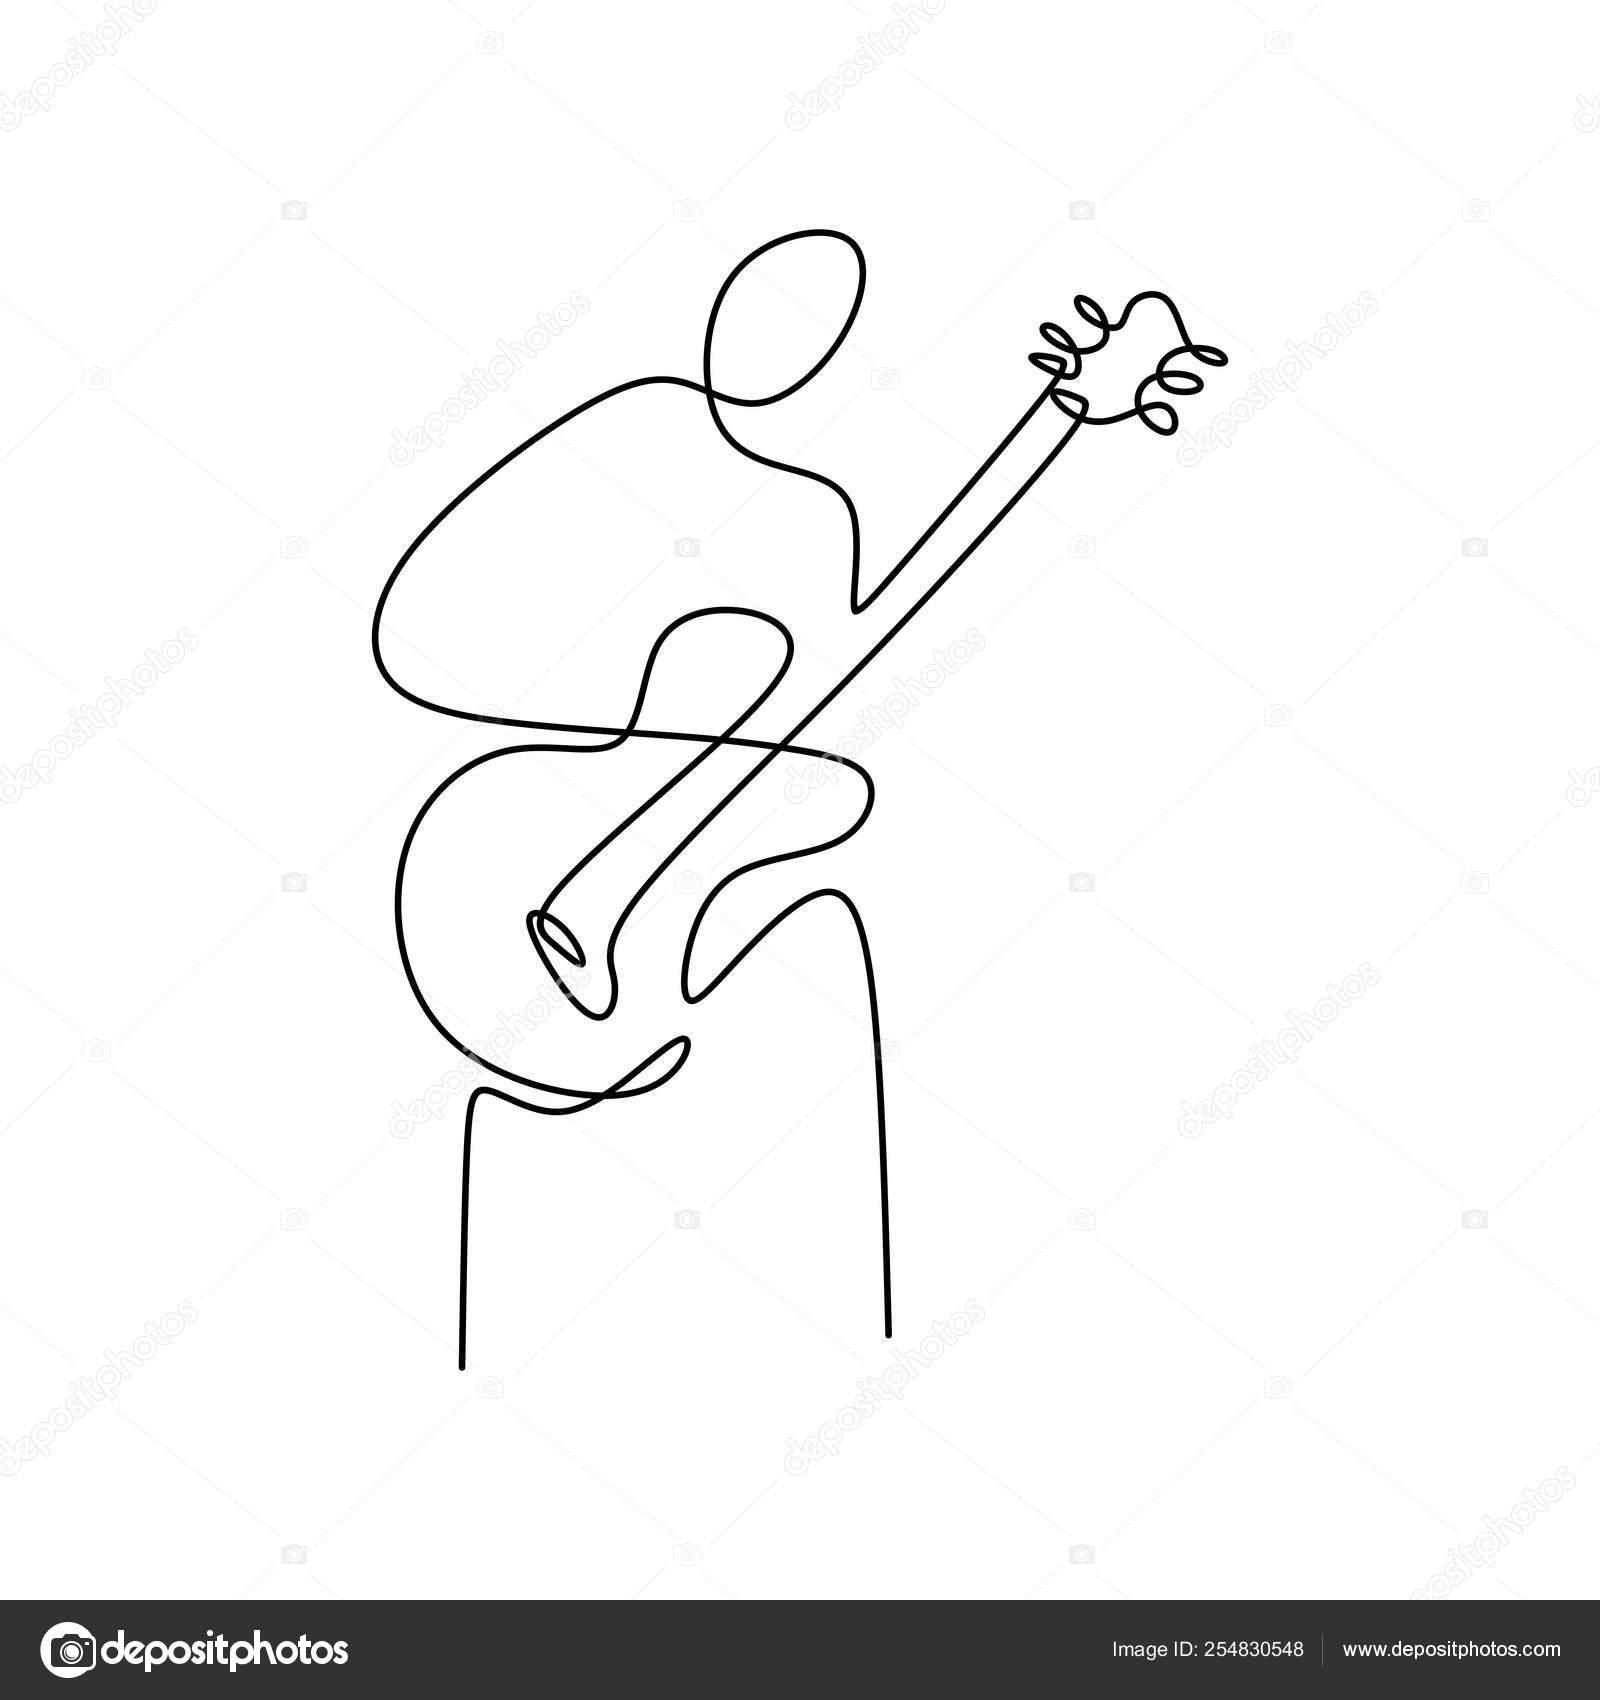 Dibujos Línea Continua Tocando Guitarra Con Diseño